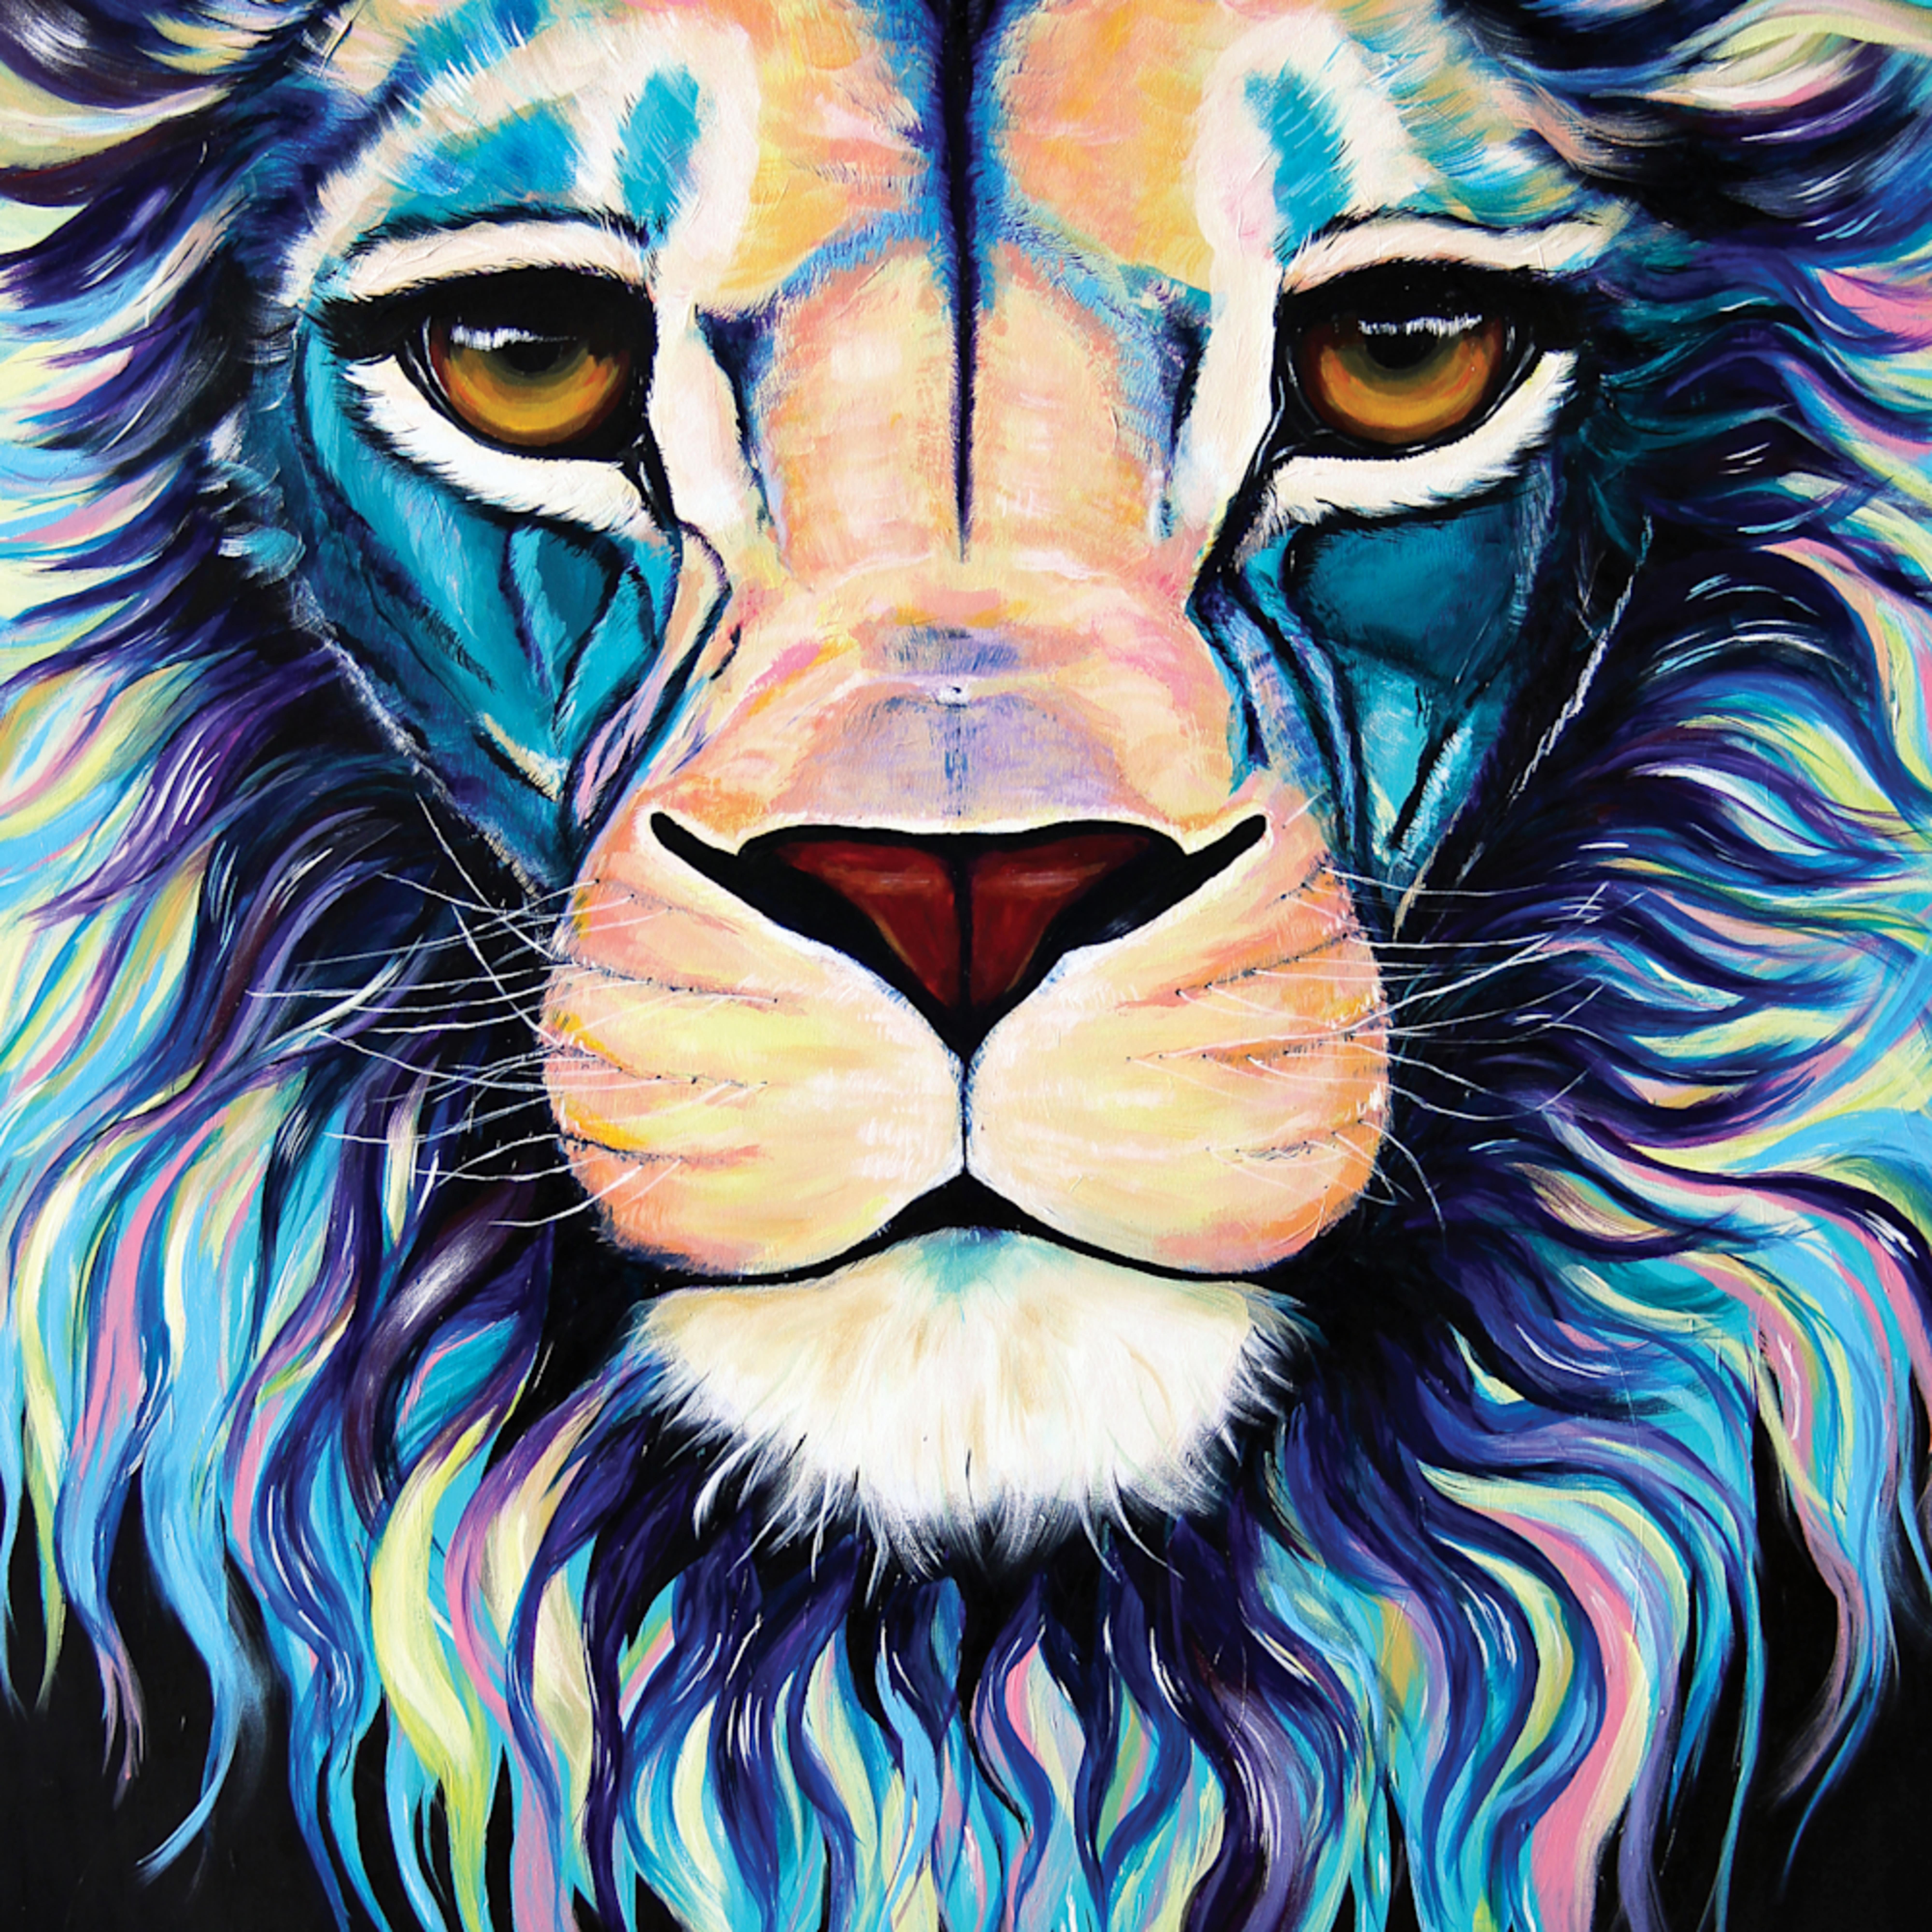 Lion hqh7xg